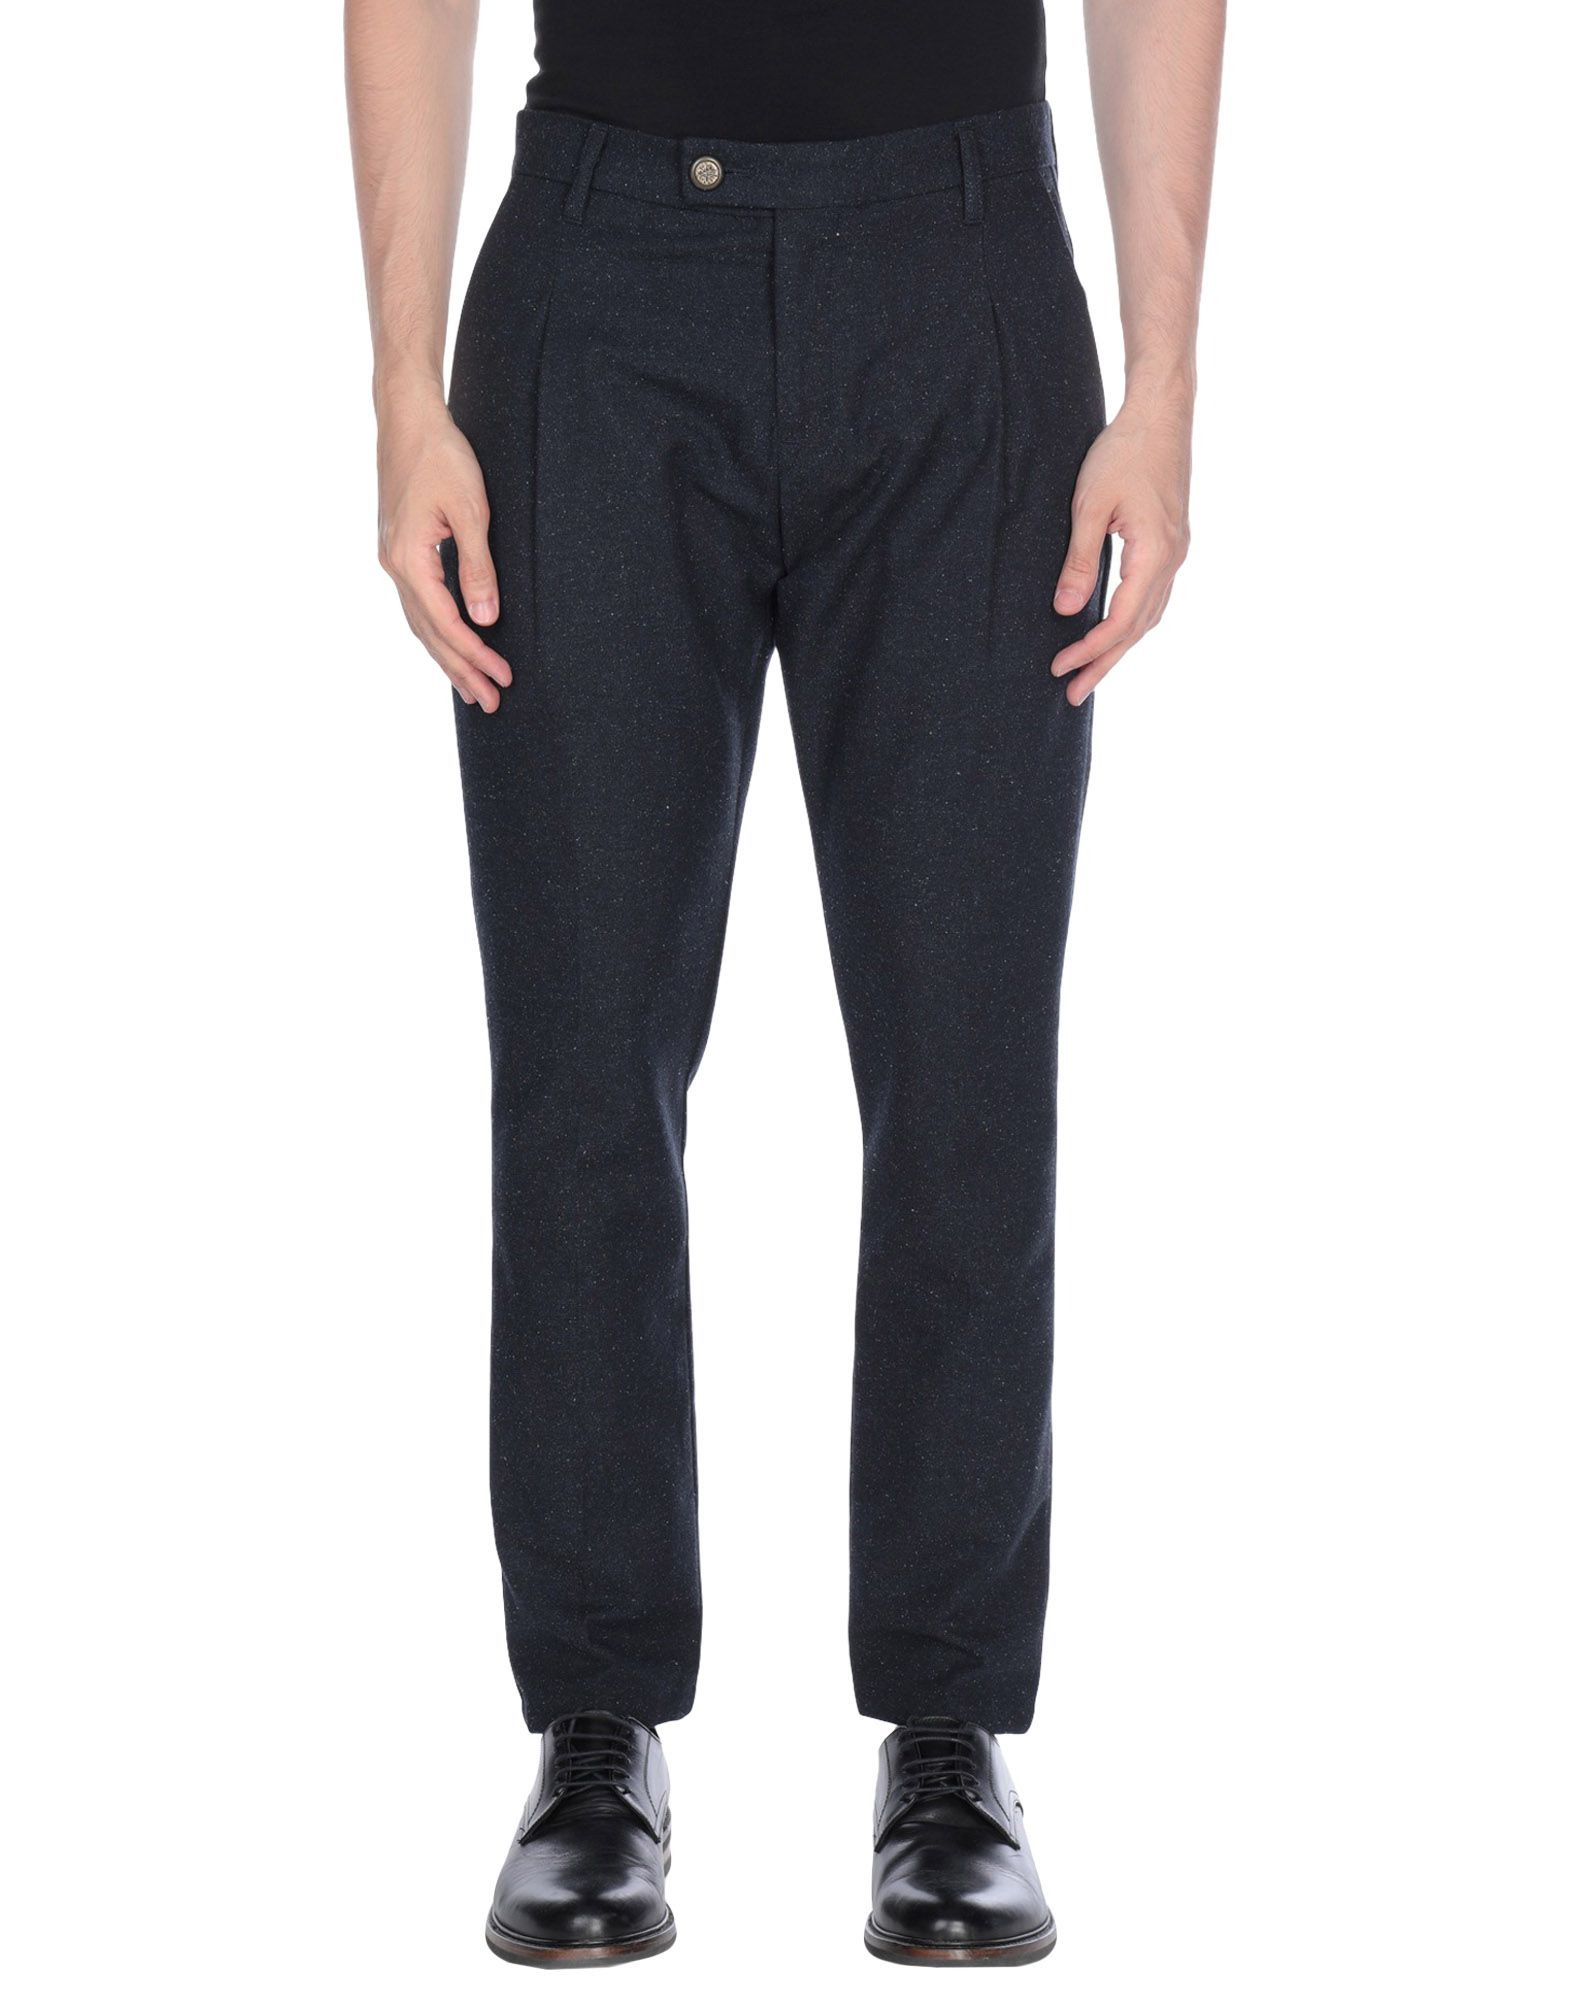 NEILL KATTER Повседневные брюки водолазка amy vermont klingel цвет черный